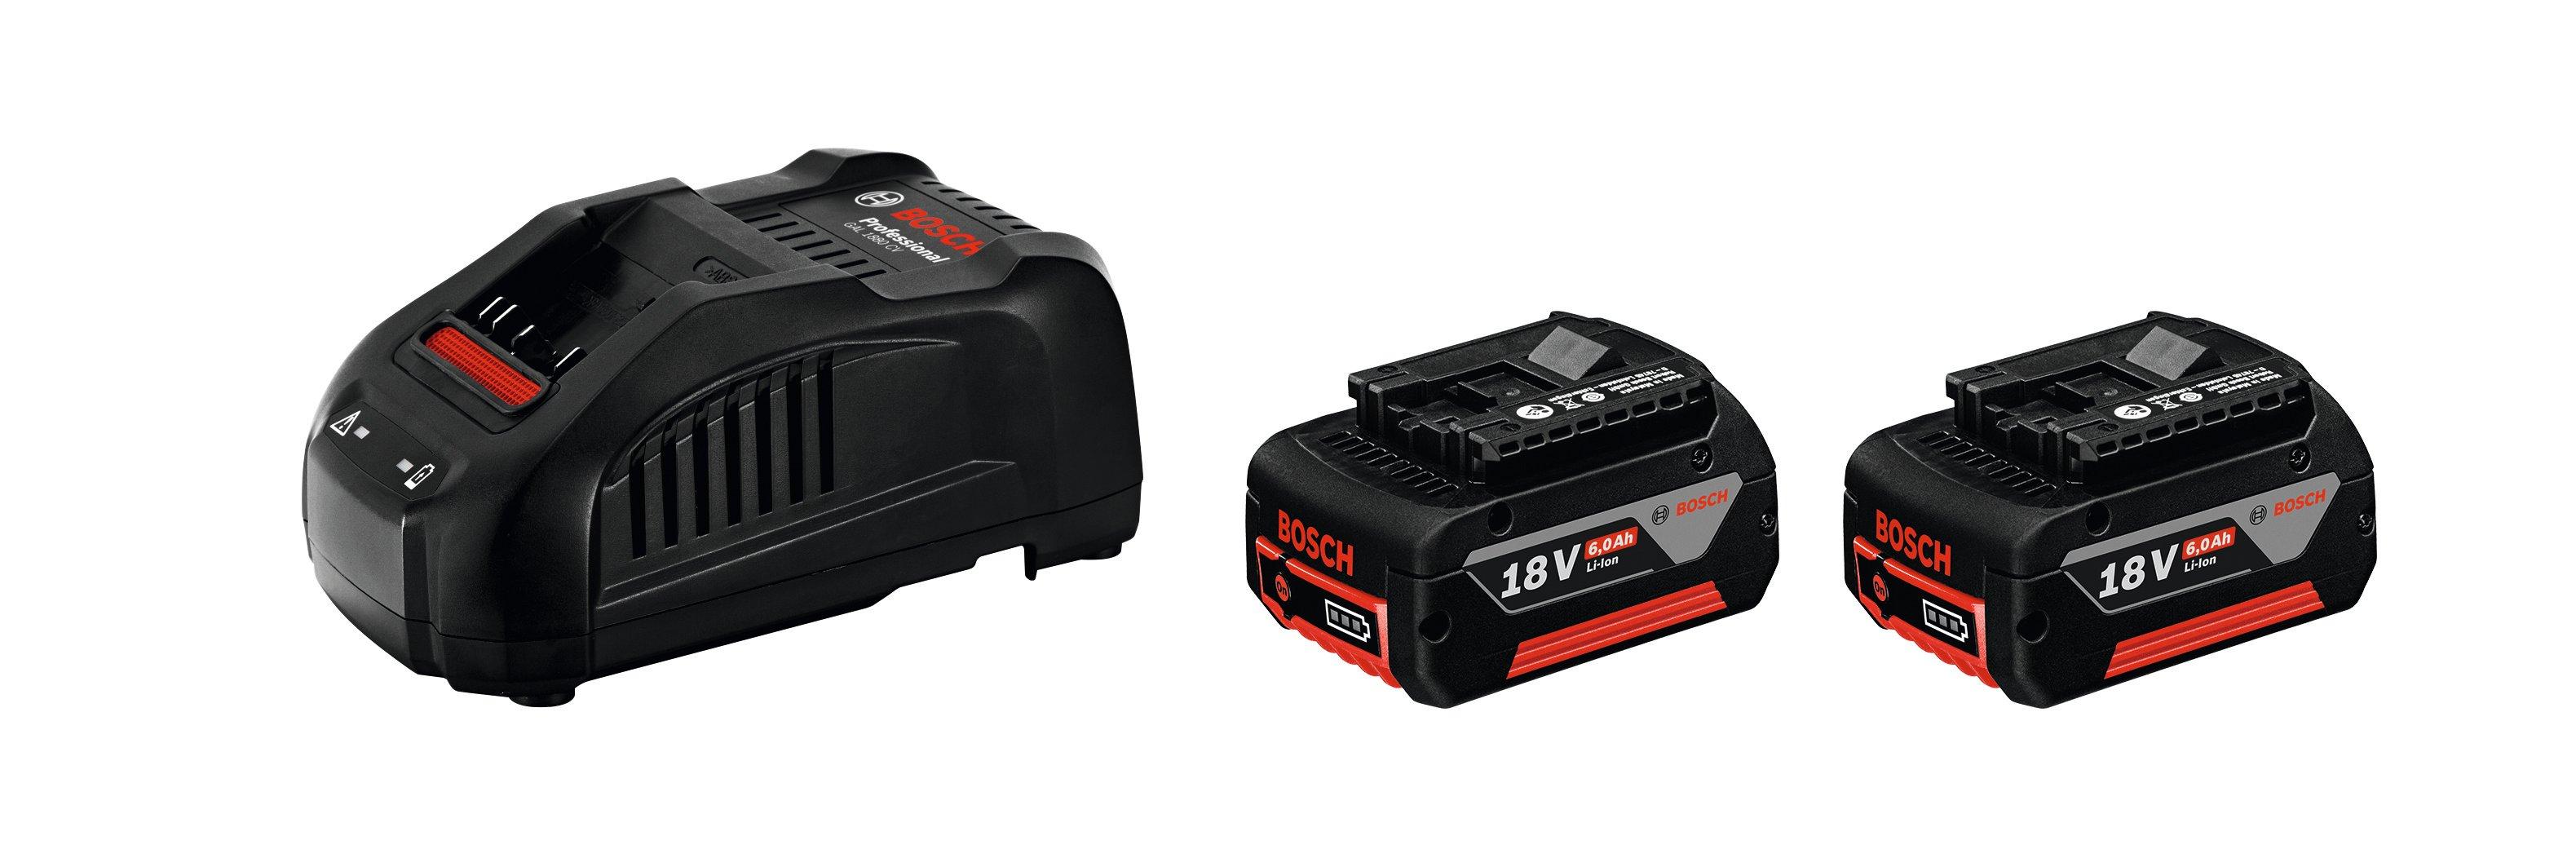 Image of   Startsæt 2 x GBA 18 V 5,0 Ah + GAL 1880 CV Startsæt 2 x akkuer GBA 18 V 5,0 Ah + lader GAL 1880 CV Professional